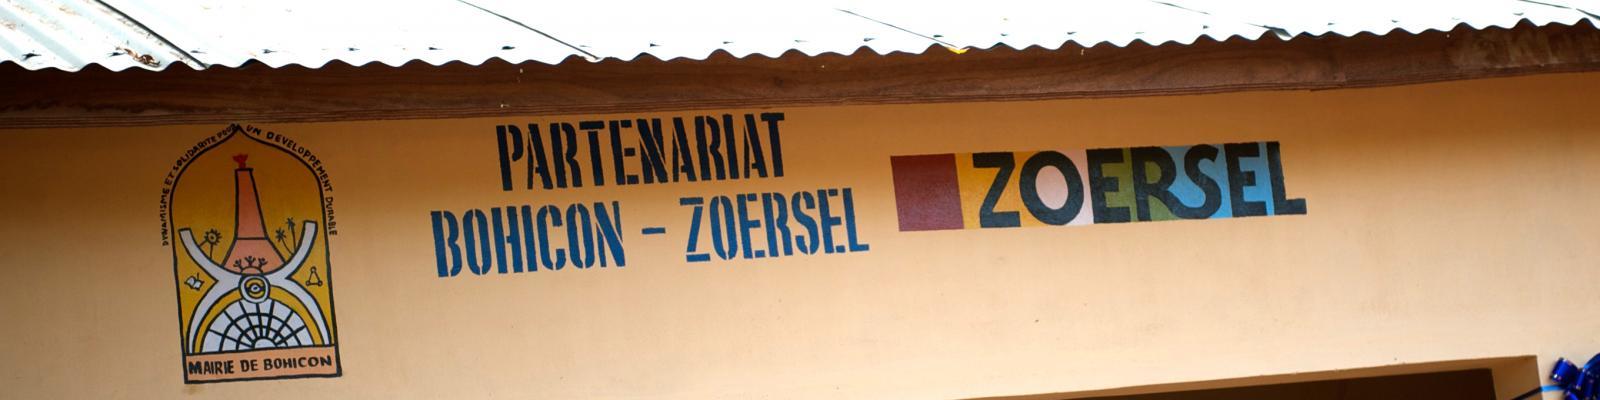 luifel in Bohicon waar de gemeentelogo's van Zoersel en Bohicon naast elkaar staan